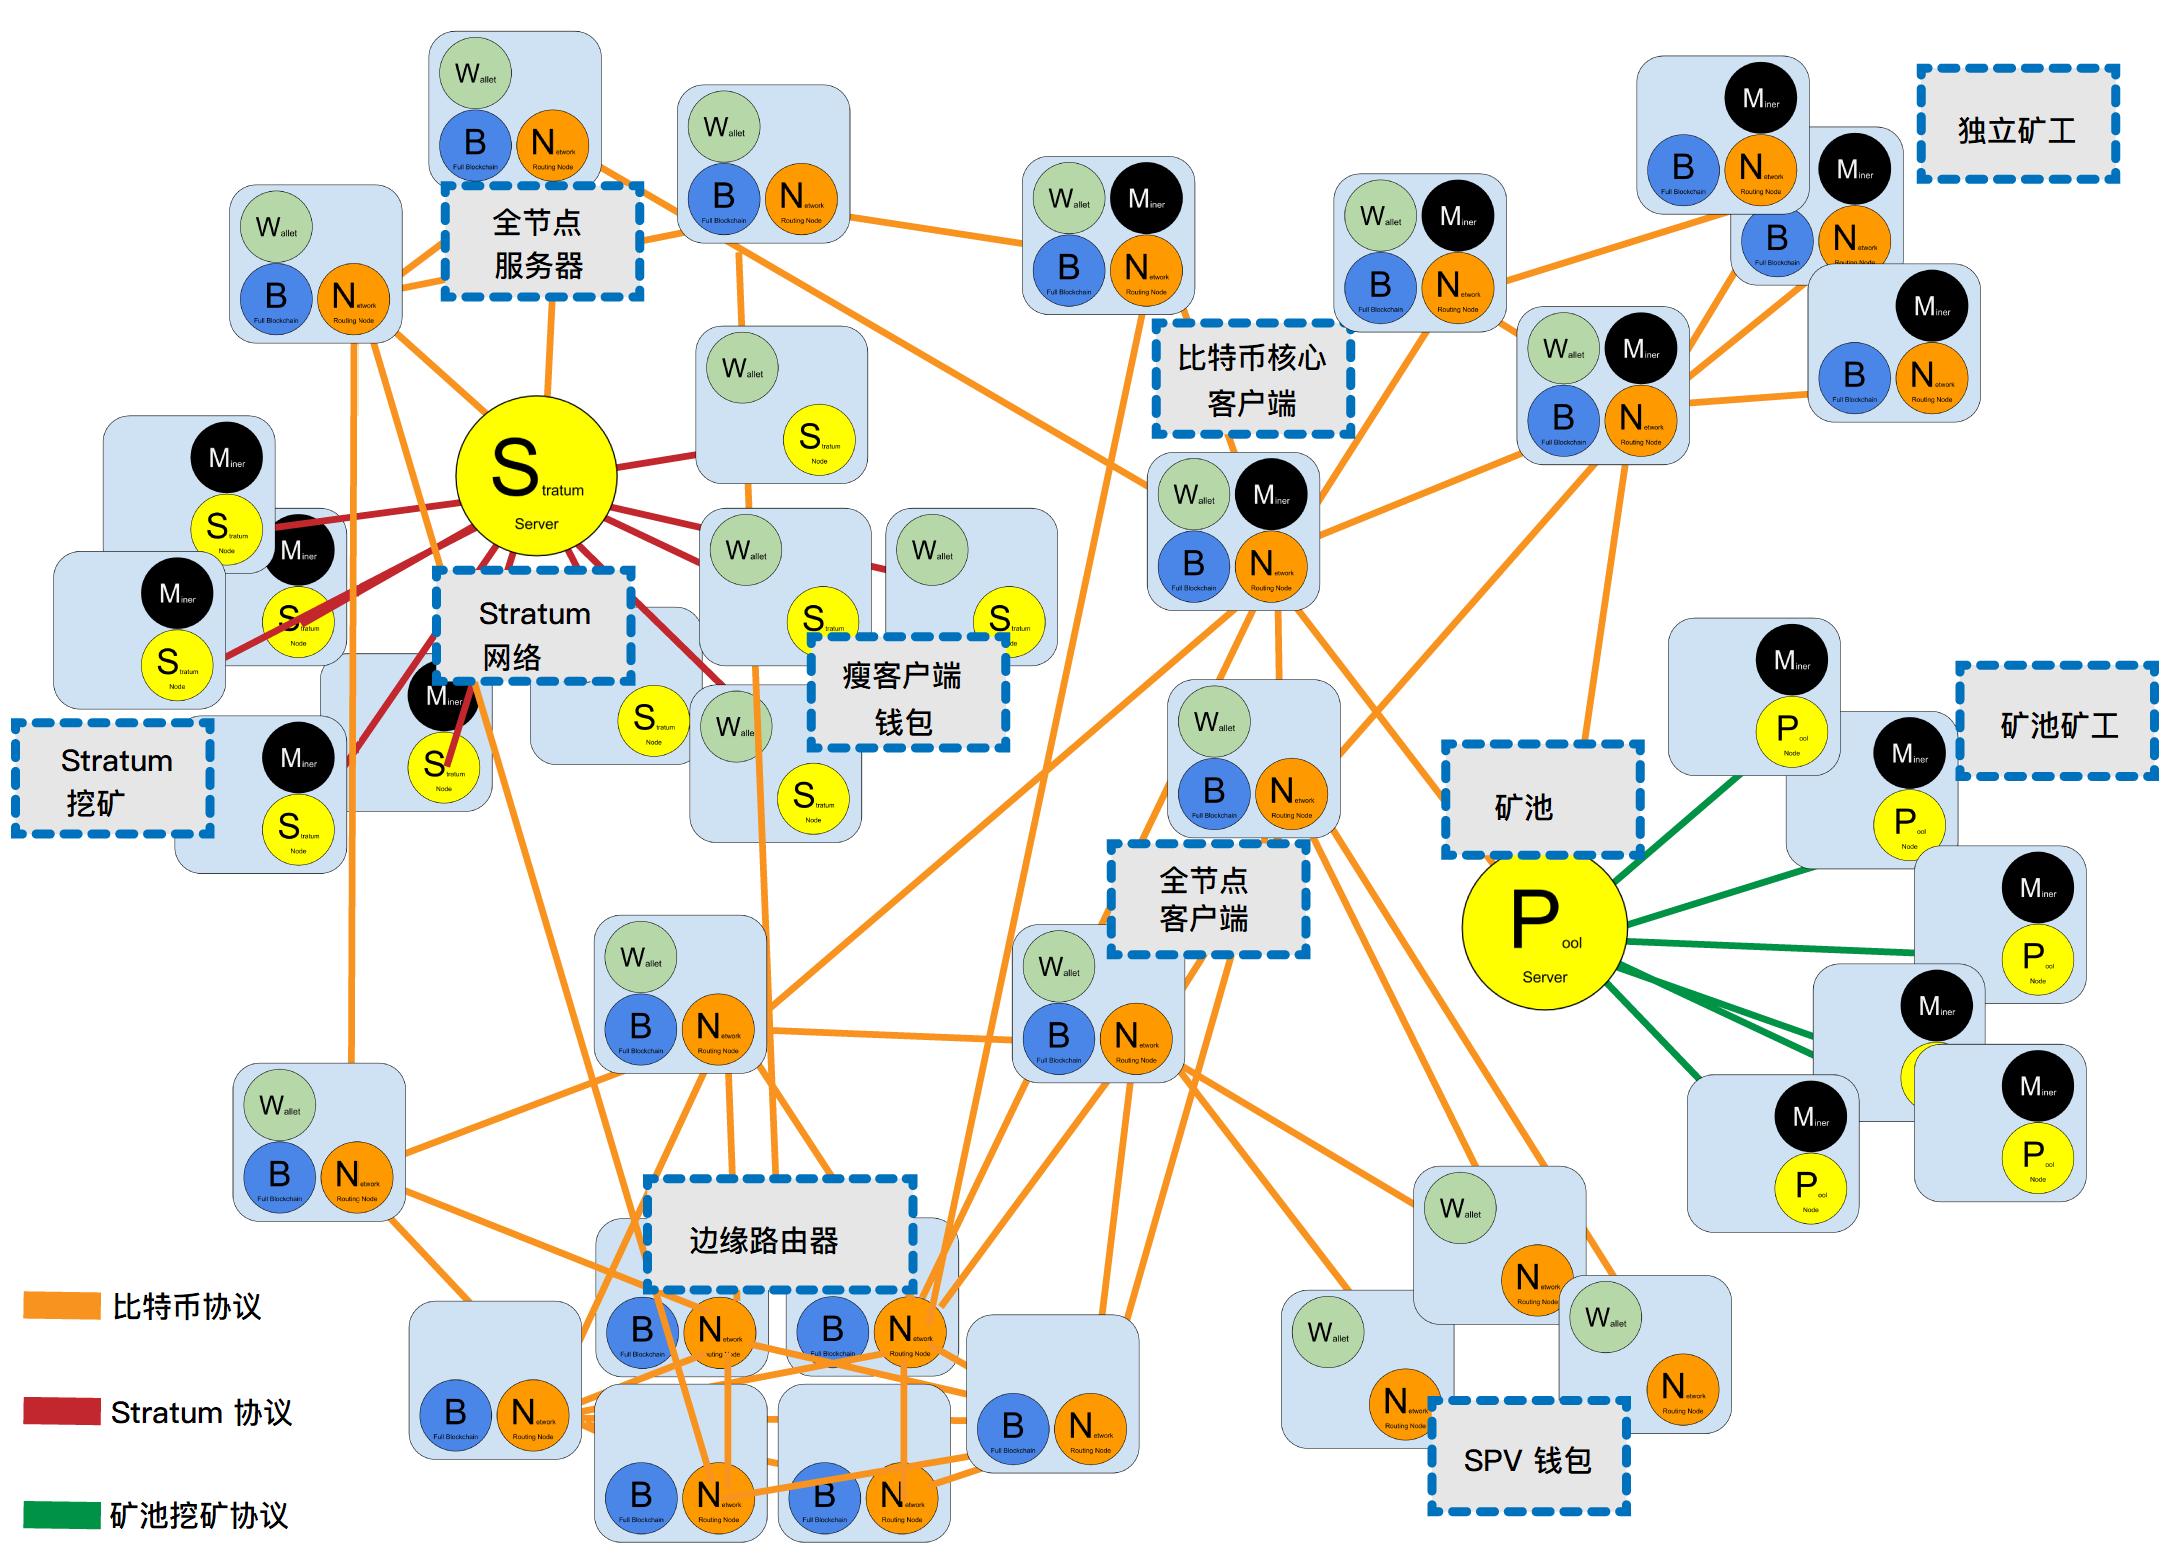 扩展比特币网络